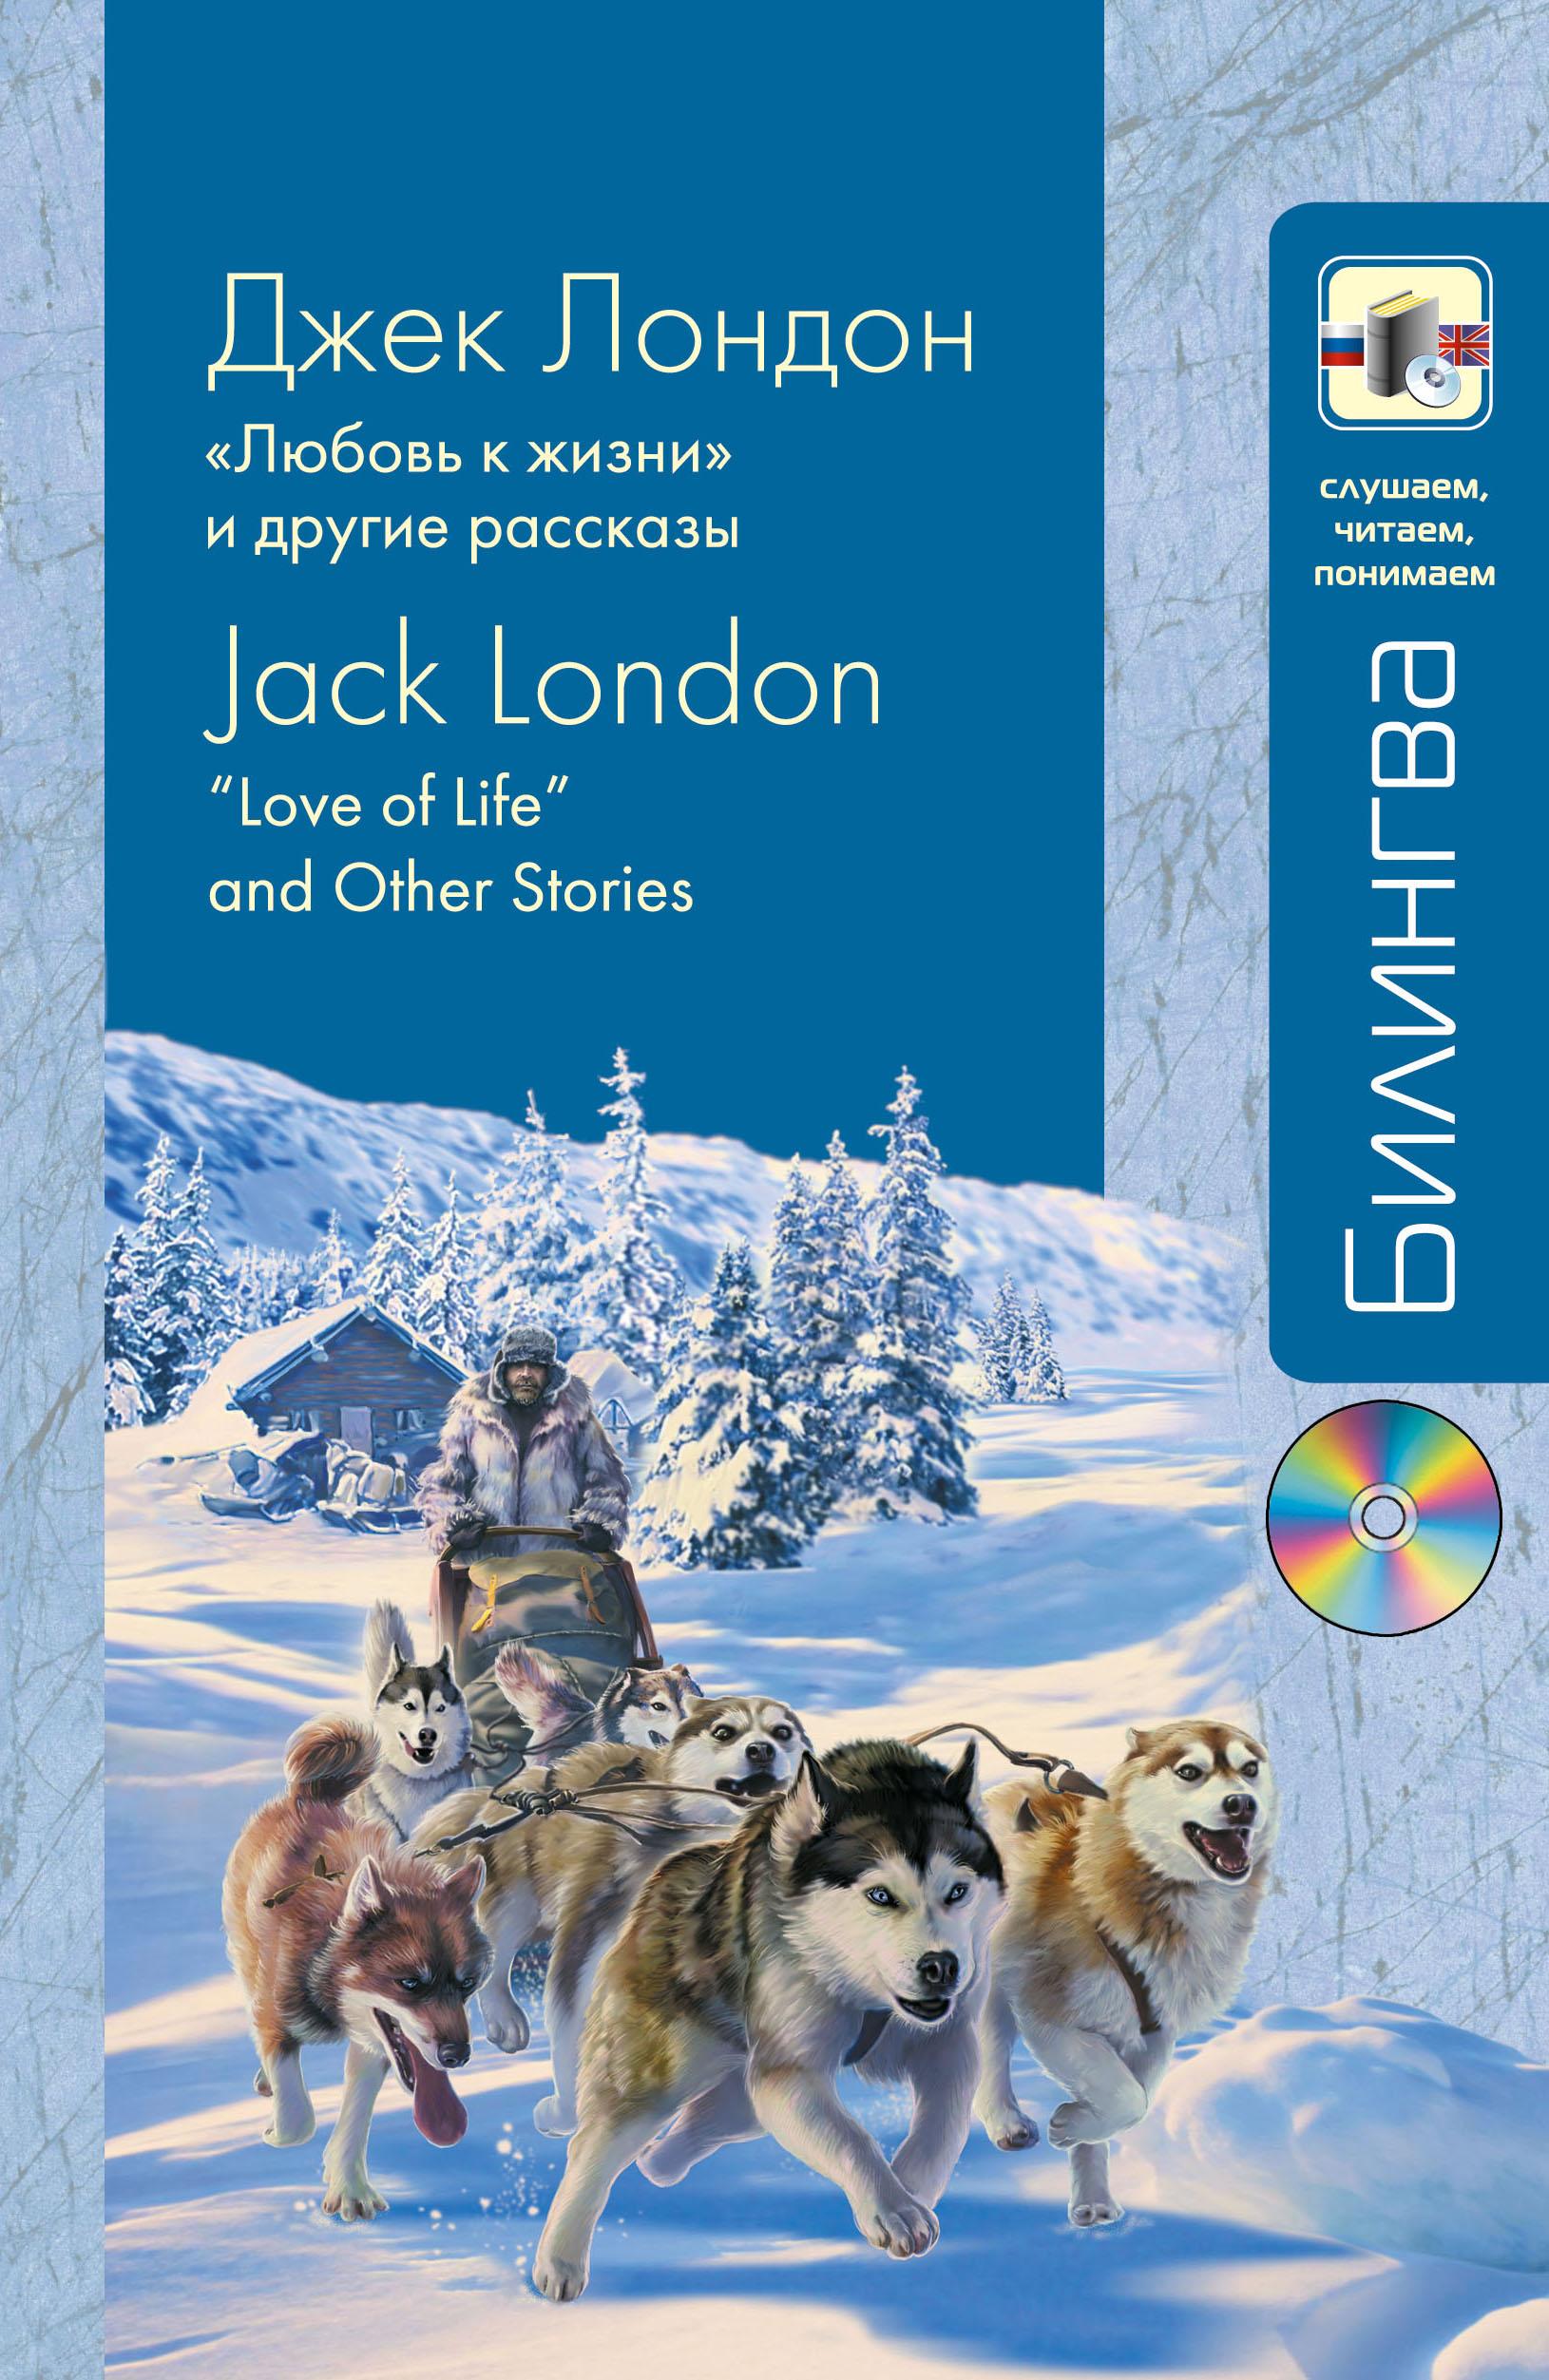 """Книга """"Любовь к жизни"""" и другие рассказы / """"Love of Life"""" and Other Stories (+ CD). Джек Лондон"""